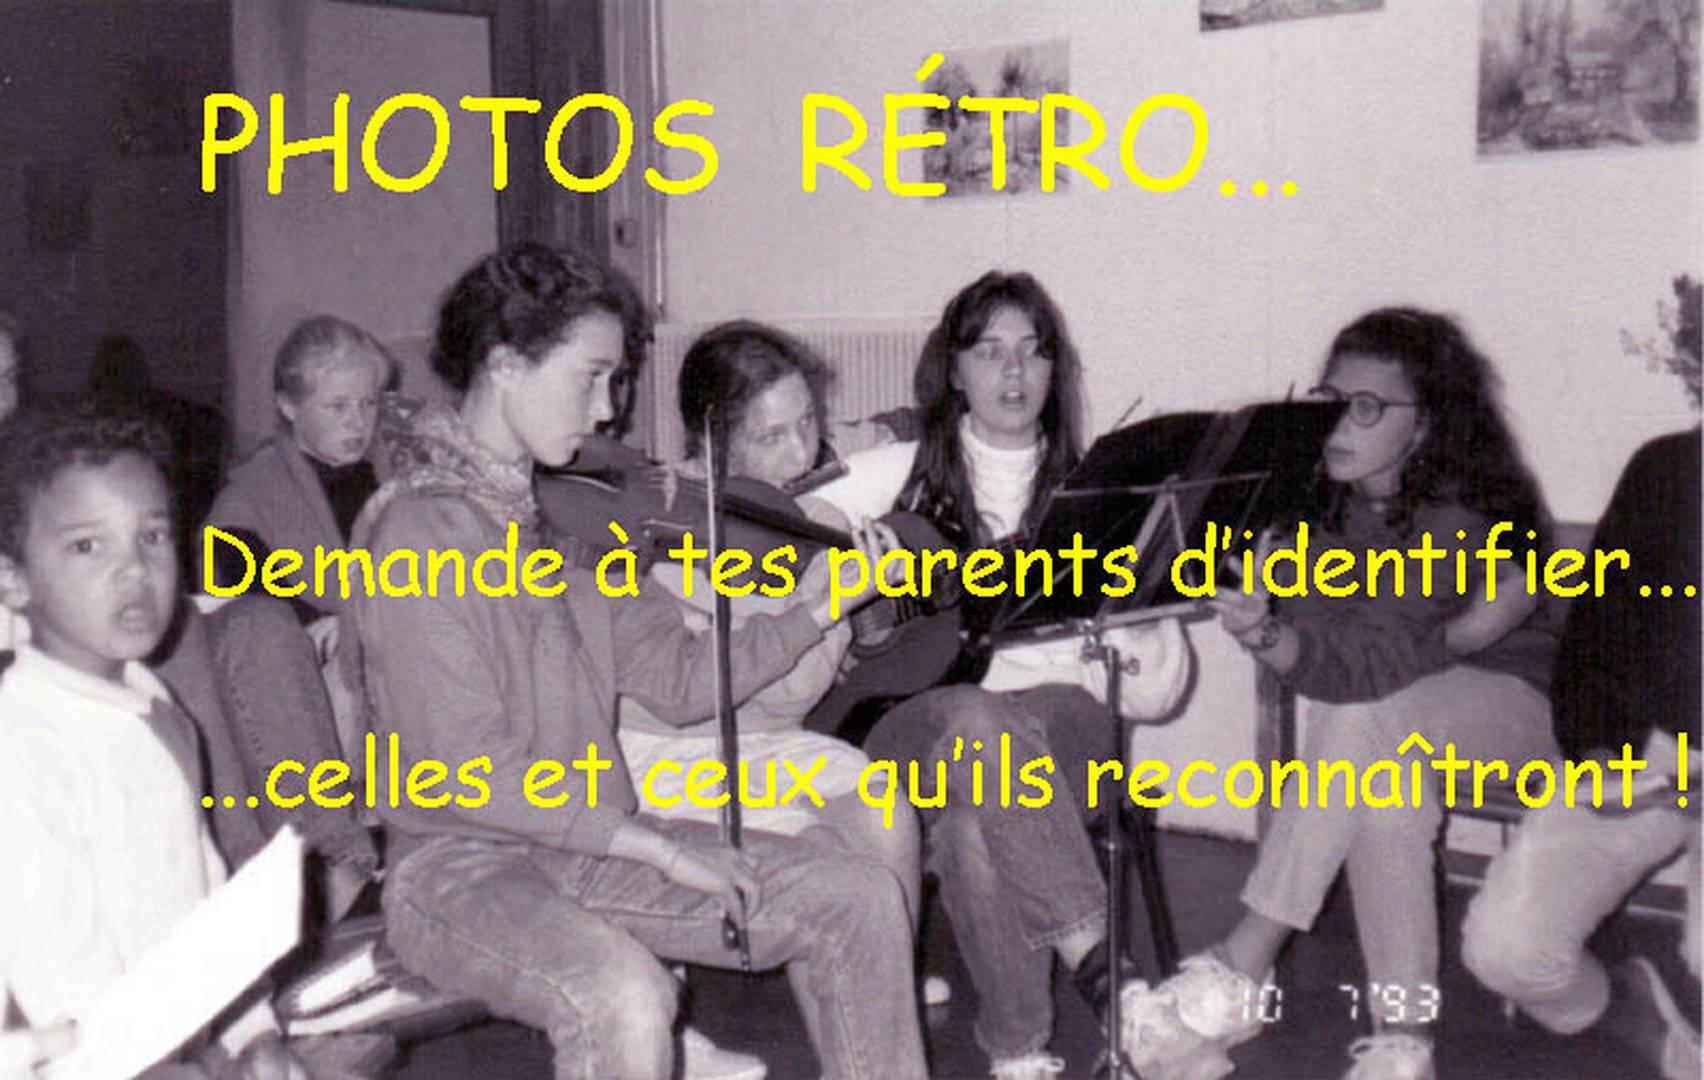 Photos rétros